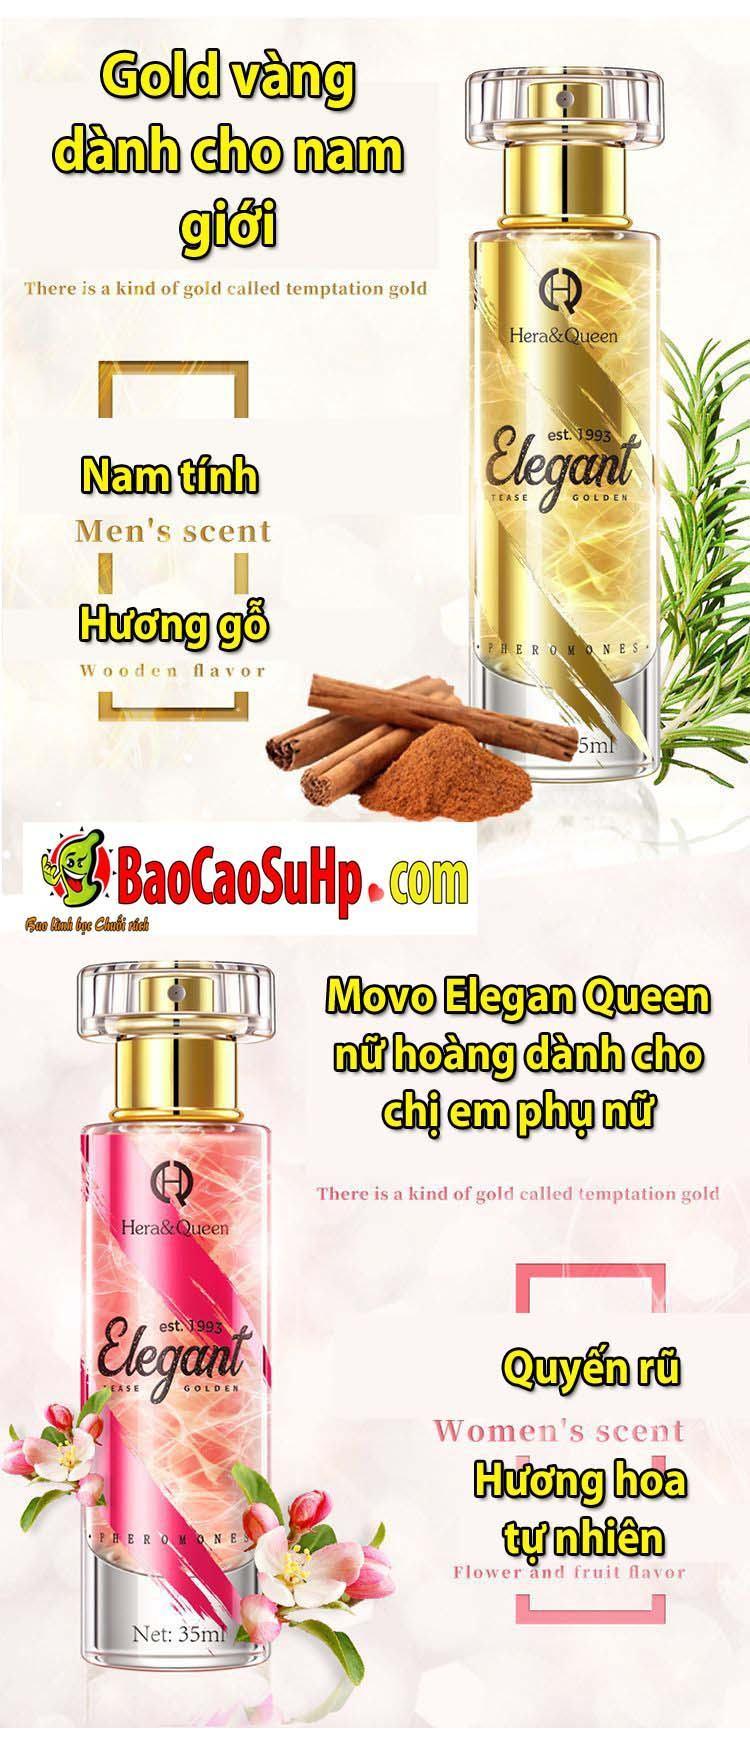 20200521094206 3844696 nuoc hoa tinh yeu movo elegant 3 2 - Nước hoa ngửi là yêu Movo Elegan siêu kích thích